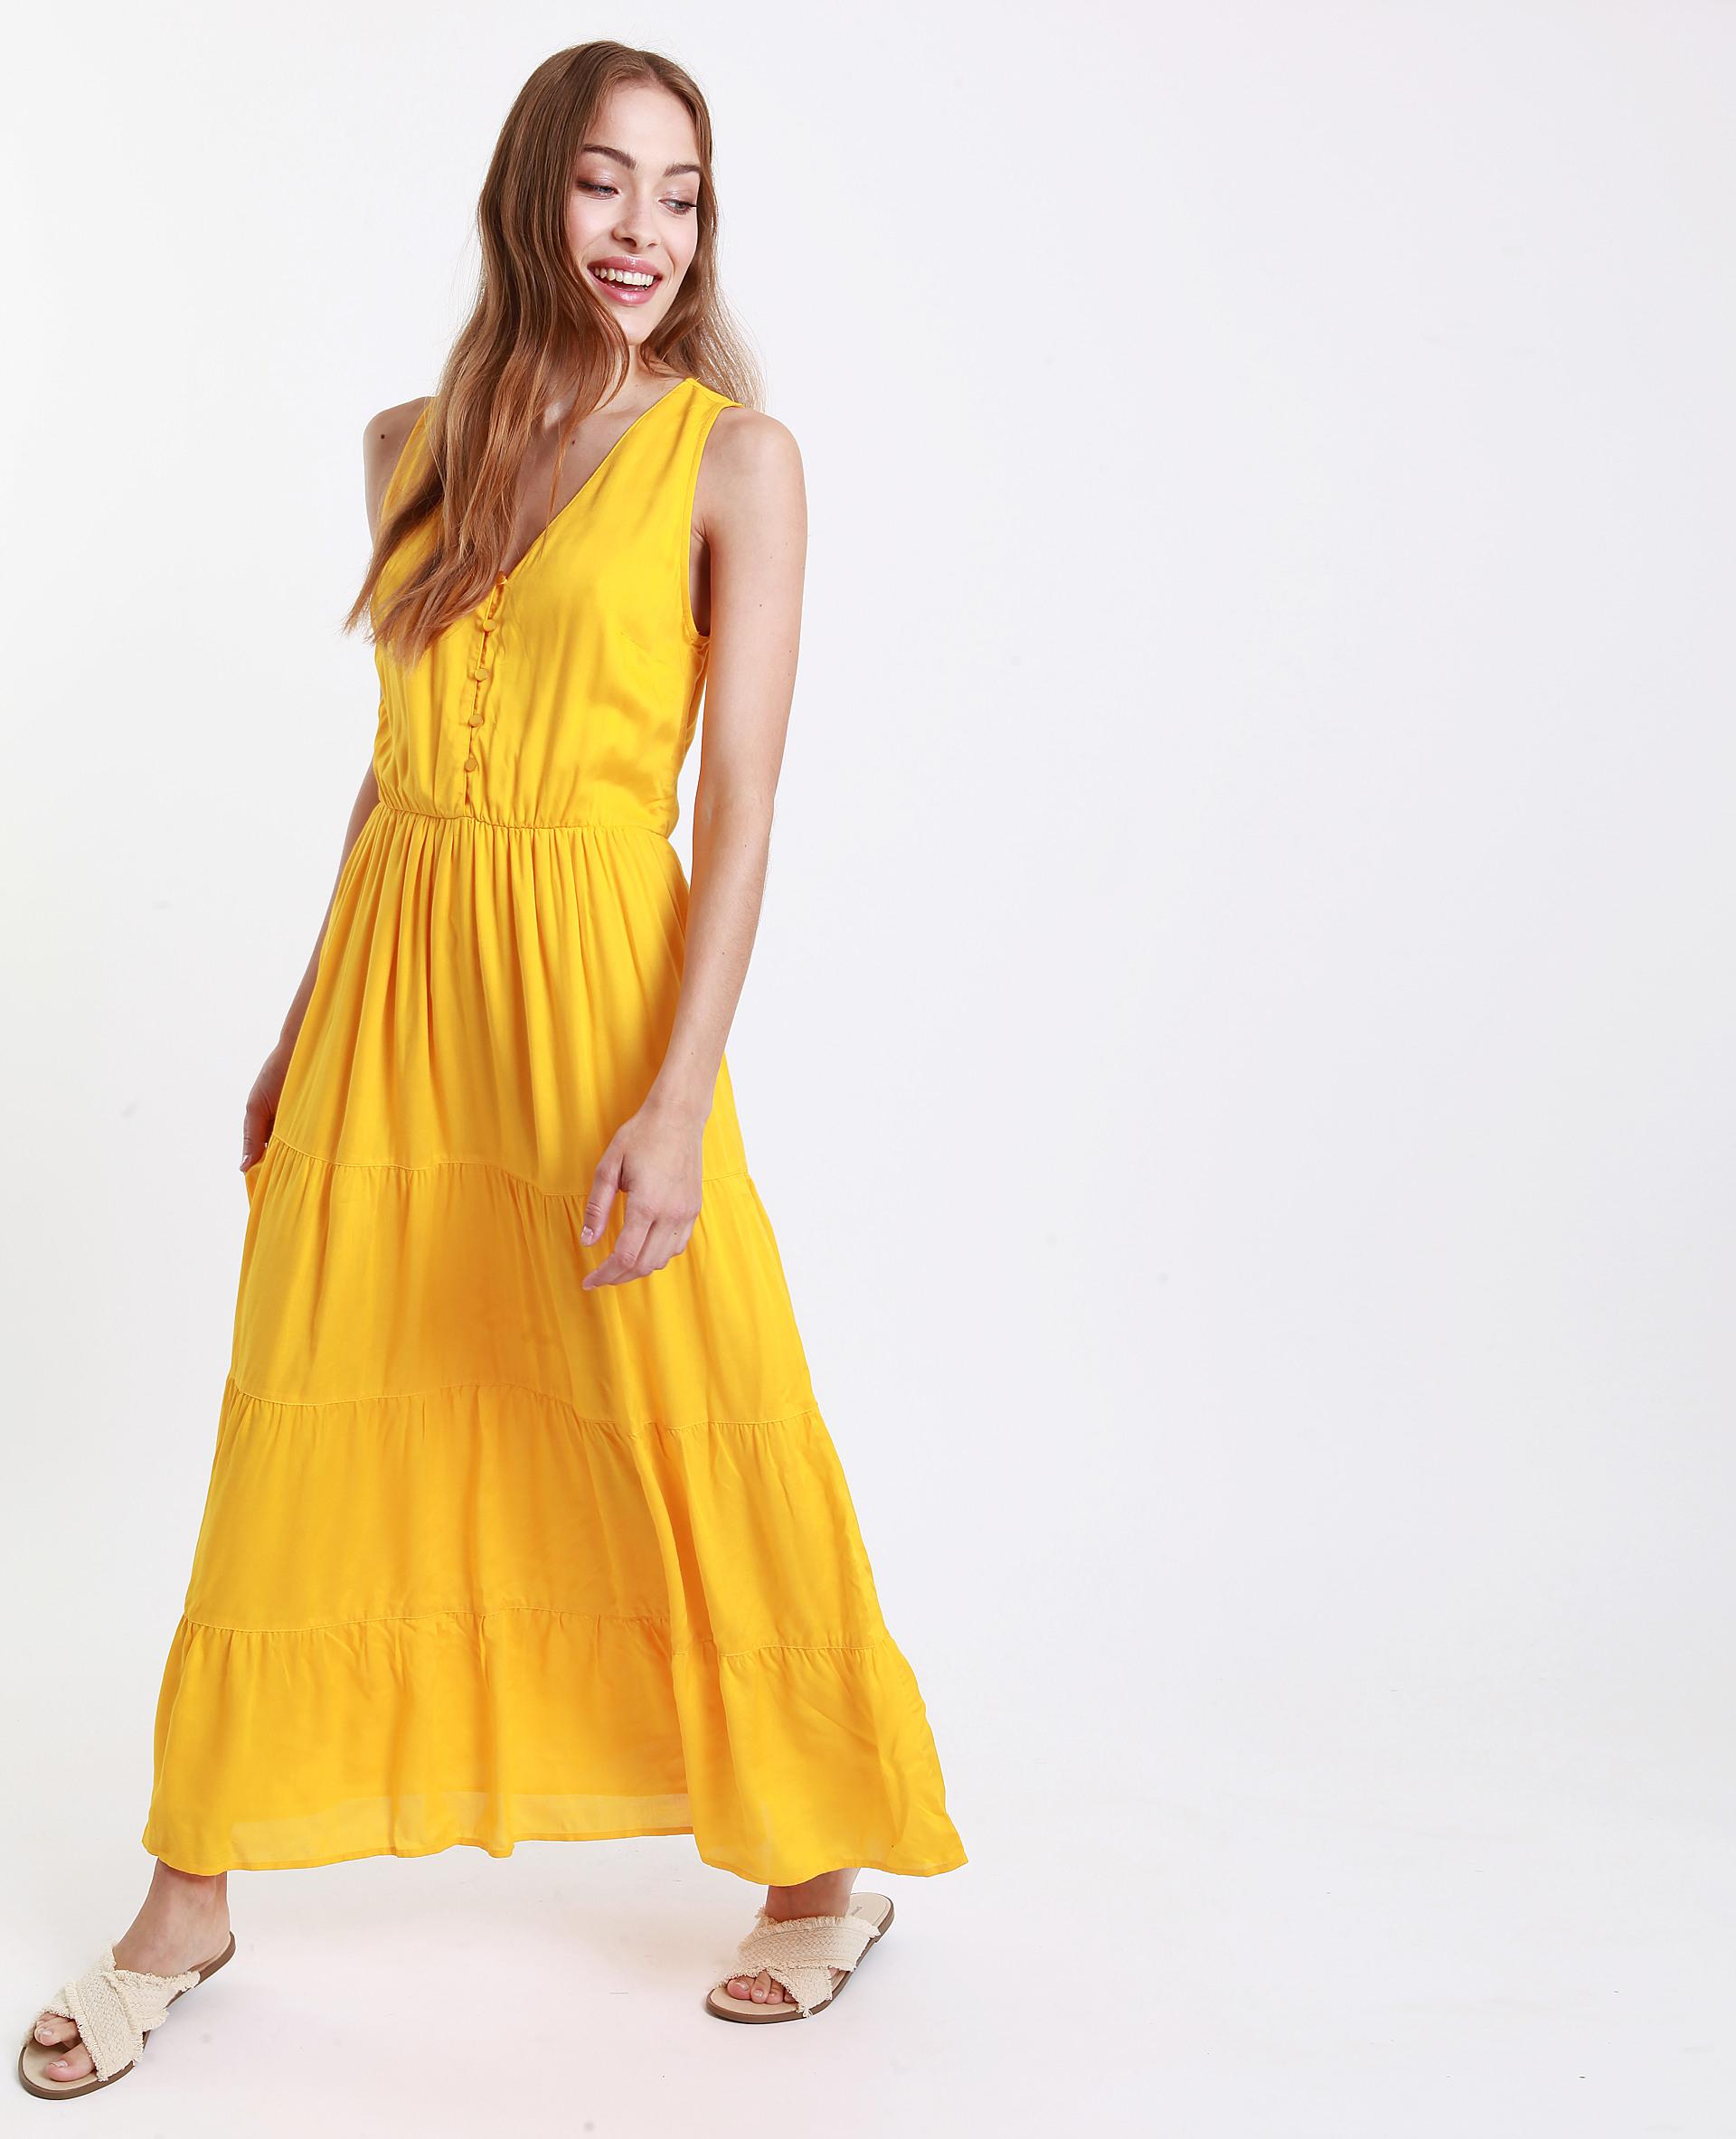 Langes Kleid Mit Rückenausschnitt Gelb  781251016A00  Pimkie